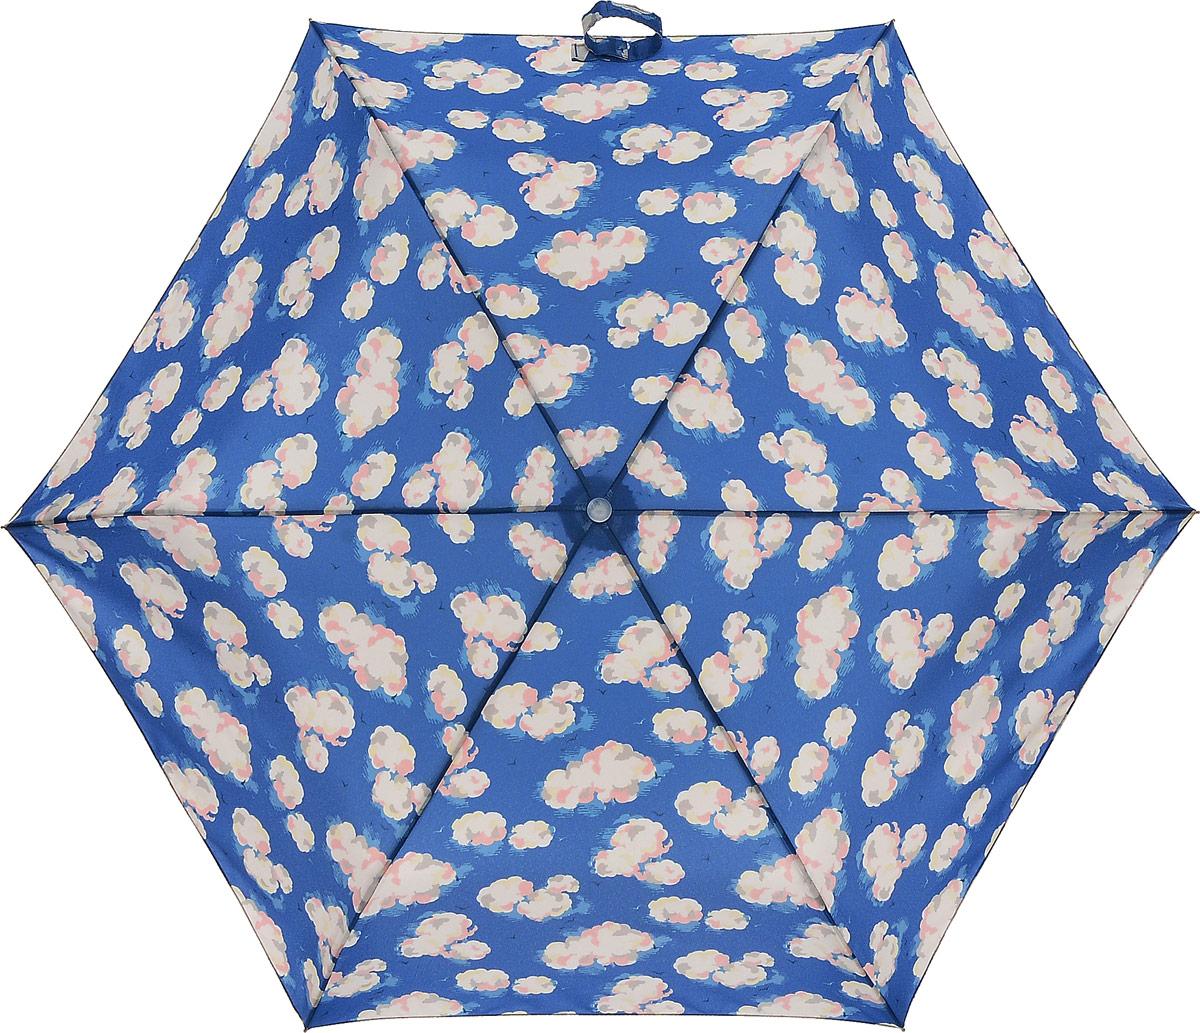 Зонт женский Cath Kidston Minilite, механический, 3 сложения, цвет: синий, мультиколор. L768-2949Колье (короткие одноярусные бусы)Стильный механический зонт Cath Kidston Minilite в 3 сложения даже в ненастную погоду позволит вам оставаться элегантной. Каркас зонта выполнен из 8 спиц из фибергласса и алюминия, стержень также изготовлен из алюминия, удобная рукоятка - из пластика. Купол зонта выполнен из прочного полиэстера. В закрытом виде застегивается хлястиком на липучке. Яркий оригинальный рисунок в виде облаков поднимет настроение в дождливый день.Зонт механического сложения: купол открывается и закрывается вручную до характерного щелчка.На рукоятке для удобства есть небольшой шнурок, позволяющий надеть зонт на руку тогда, когда это будет необходимо. К зонту прилагается чехол, который оформлен нашивкой с названием бренда. Такой зонт компактно располагается в кармане, сумочке, дверке автомобиля.